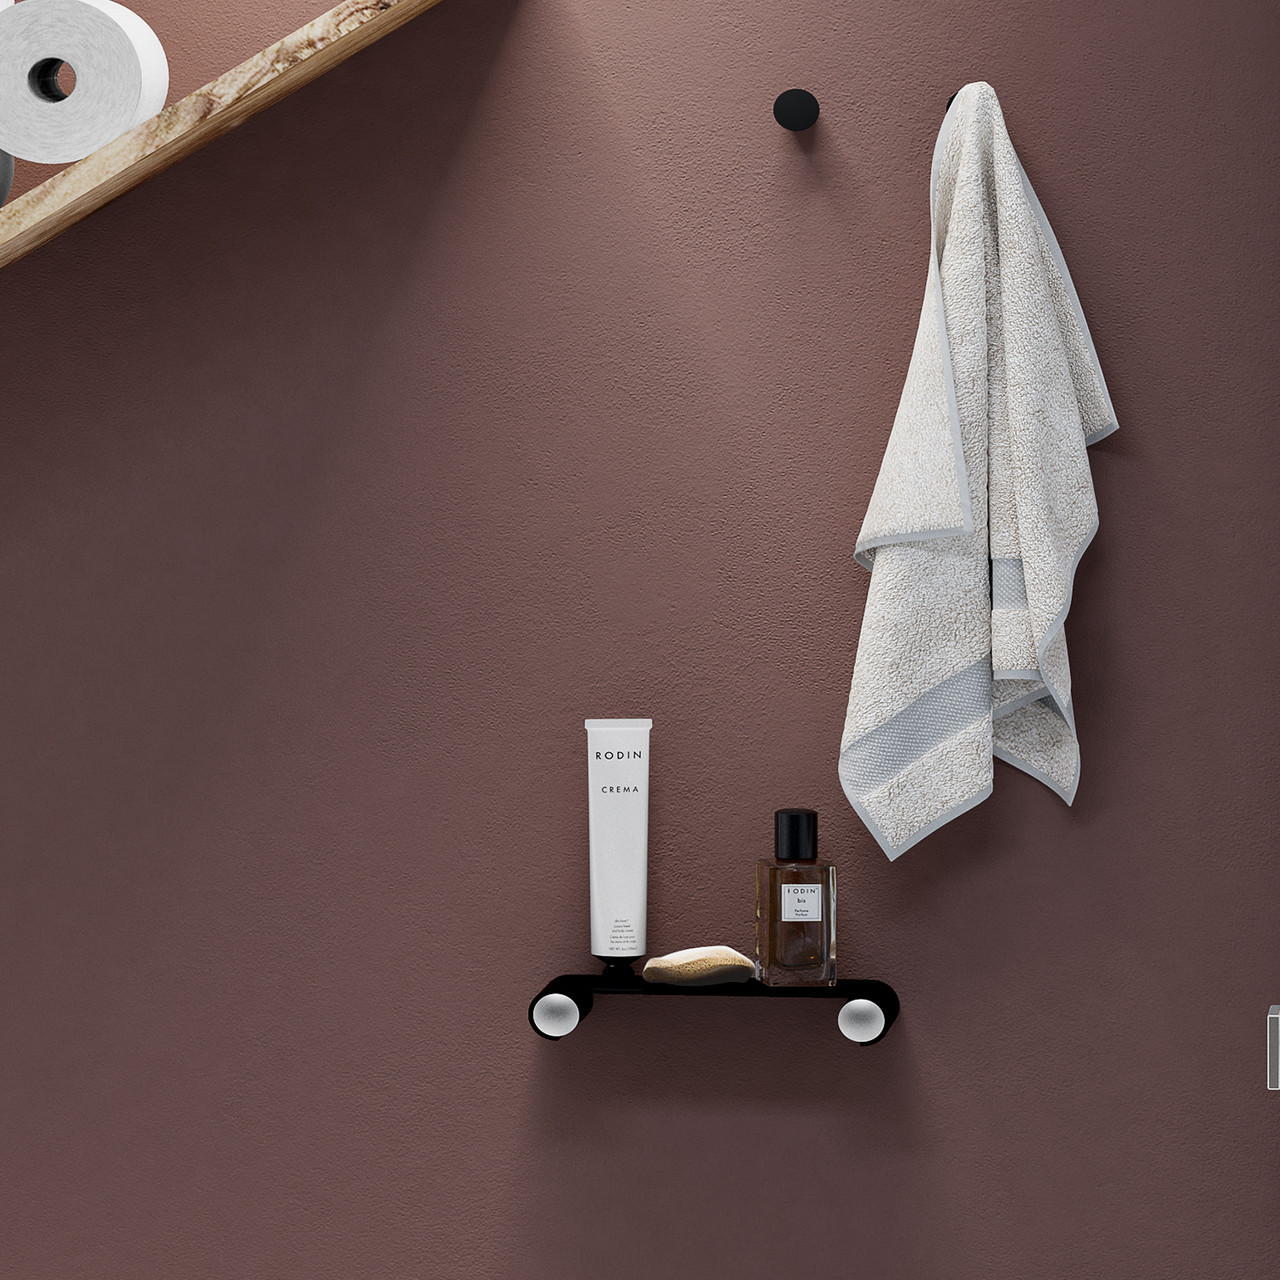 Elegancia family of Floating bath, bathroom. shower shelf